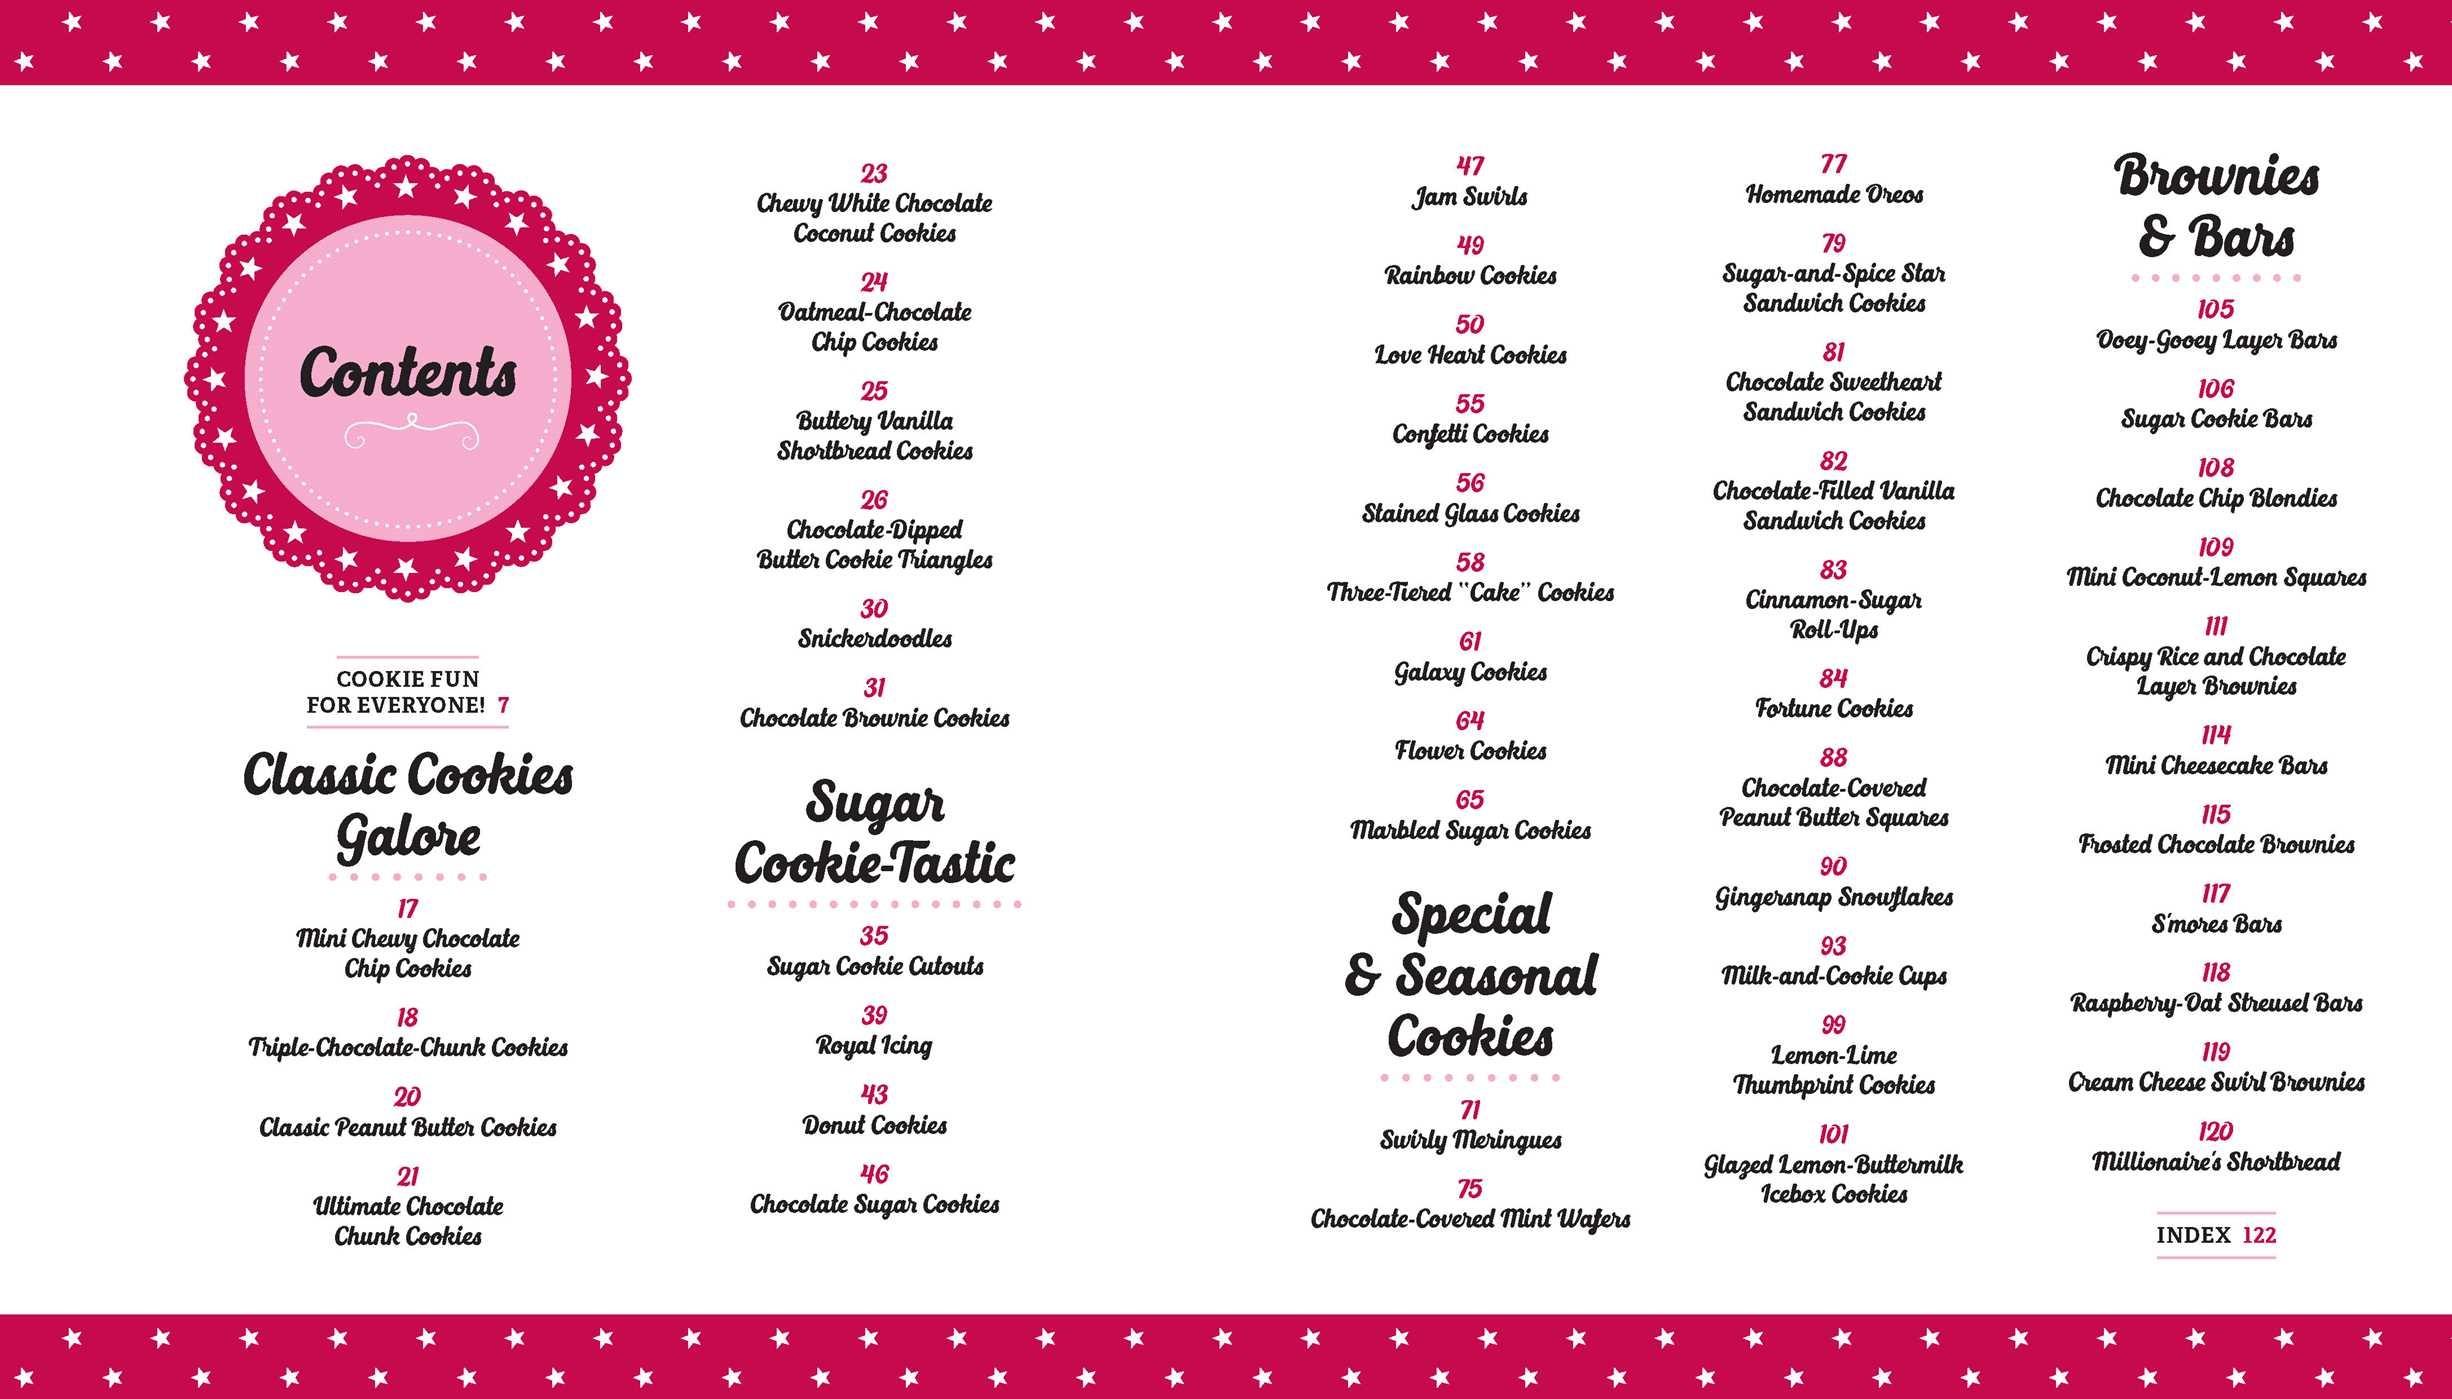 American girl cookies 9781681884424.in01